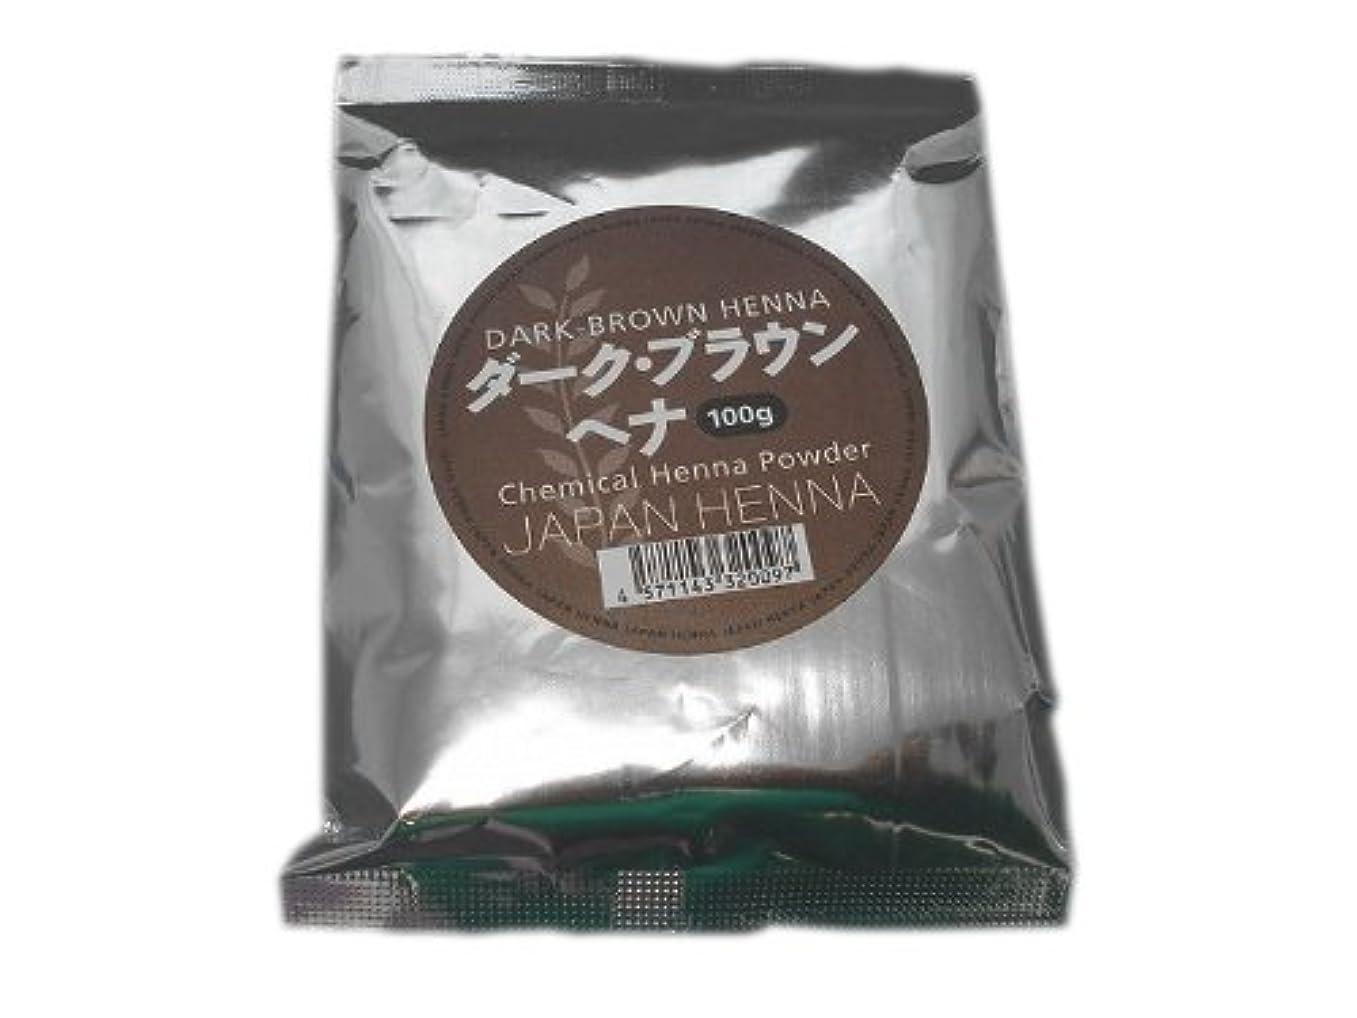 火山学ゴミ箱を空にする否定するジャパンヘナ ダークブラウン 100g